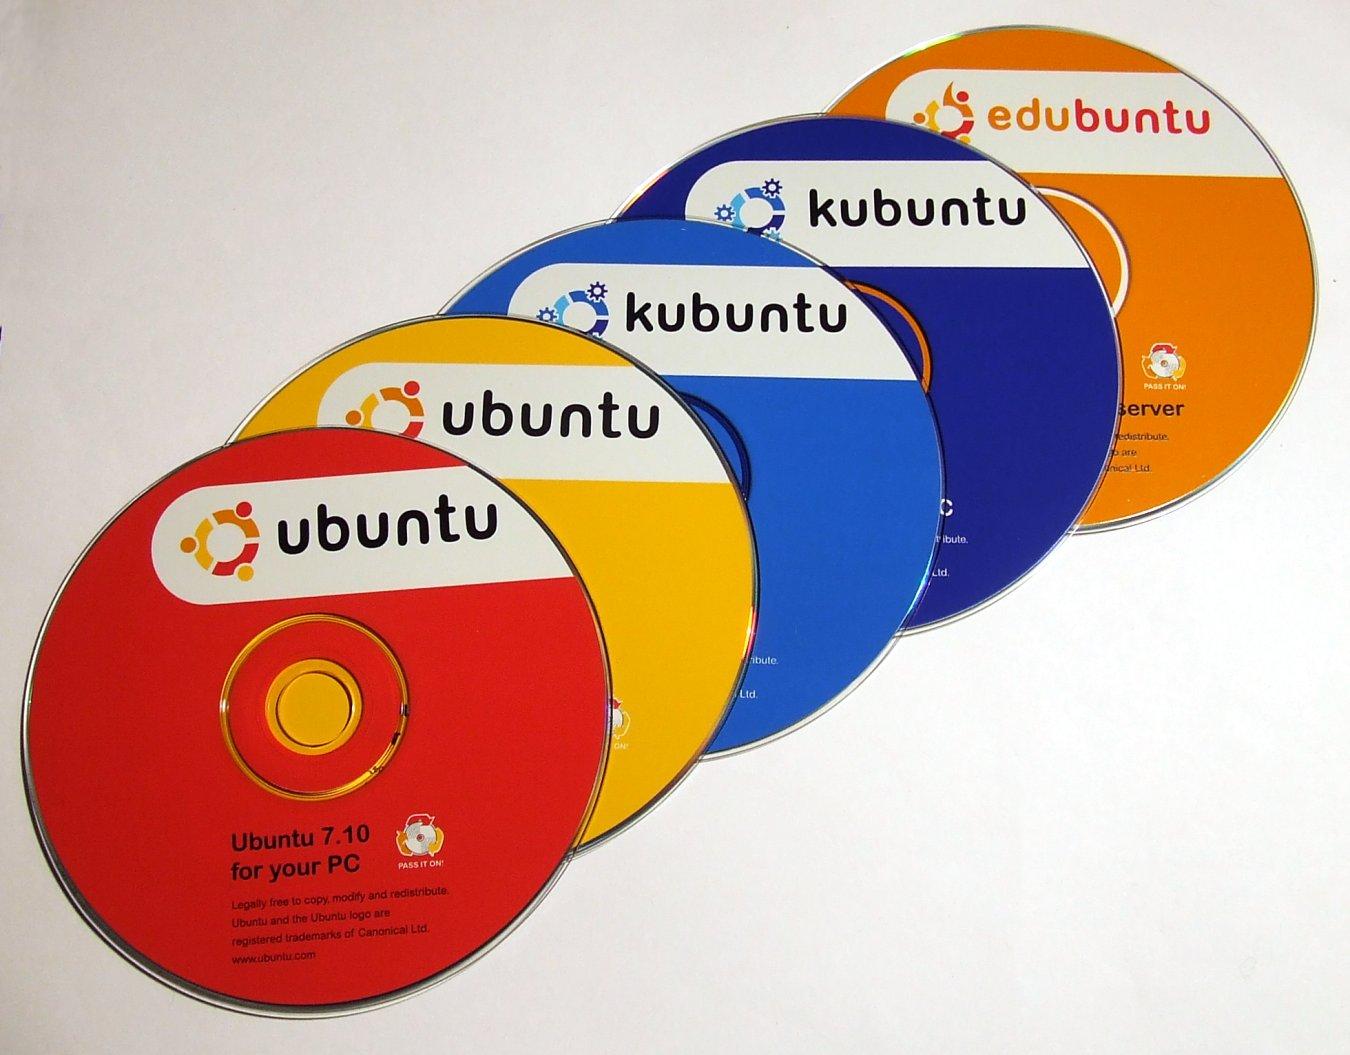 RIP: Ubuntu ShipIT